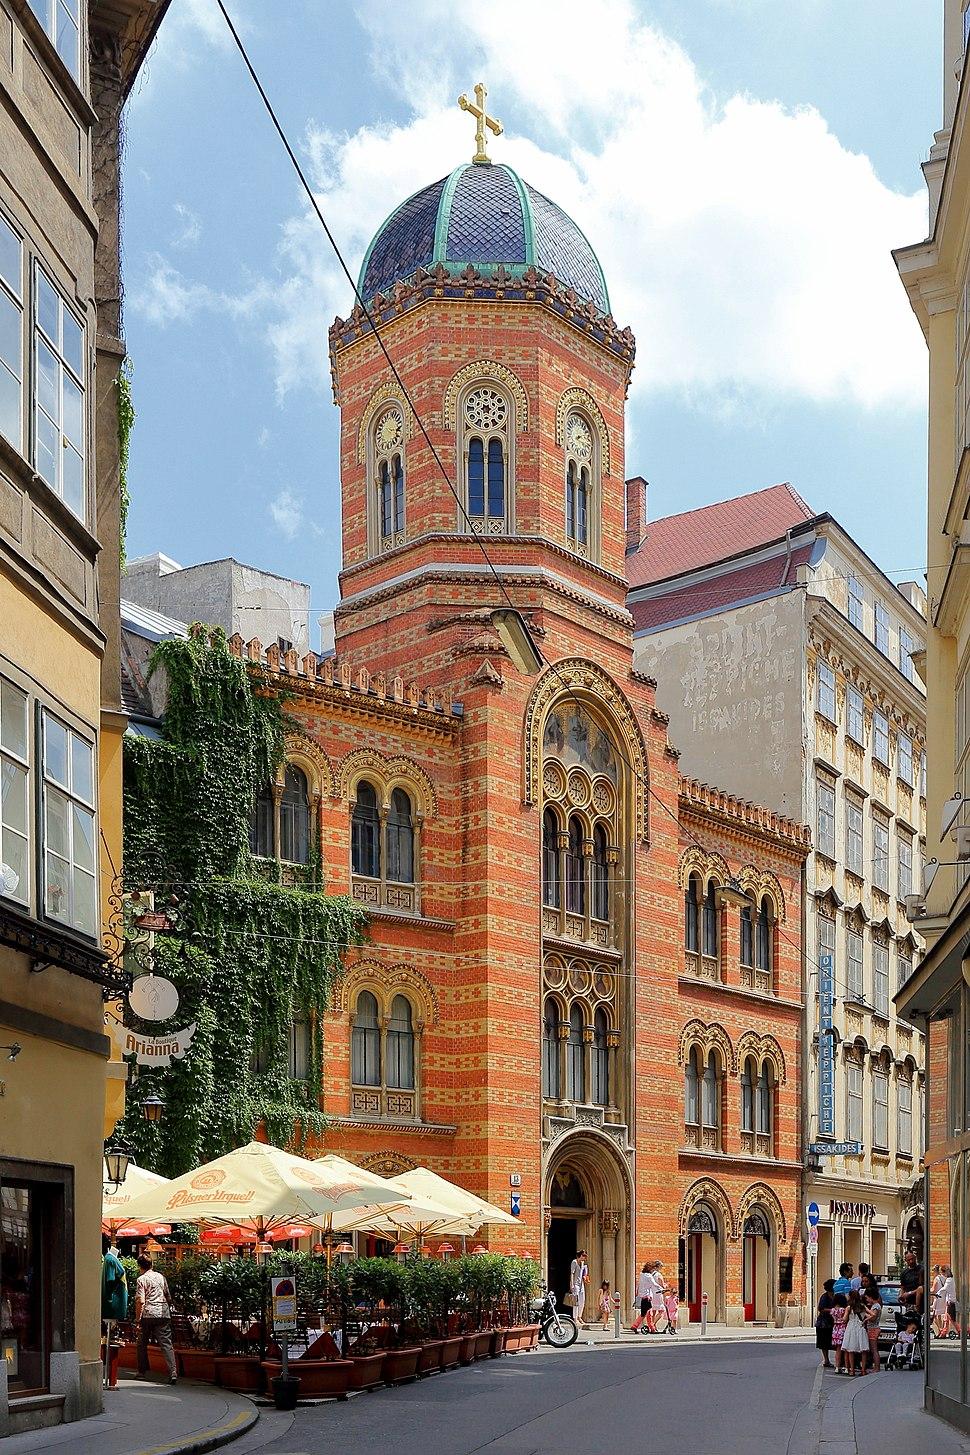 Wien - Griechenkirche zur Heiligen Dreifaltigkeit